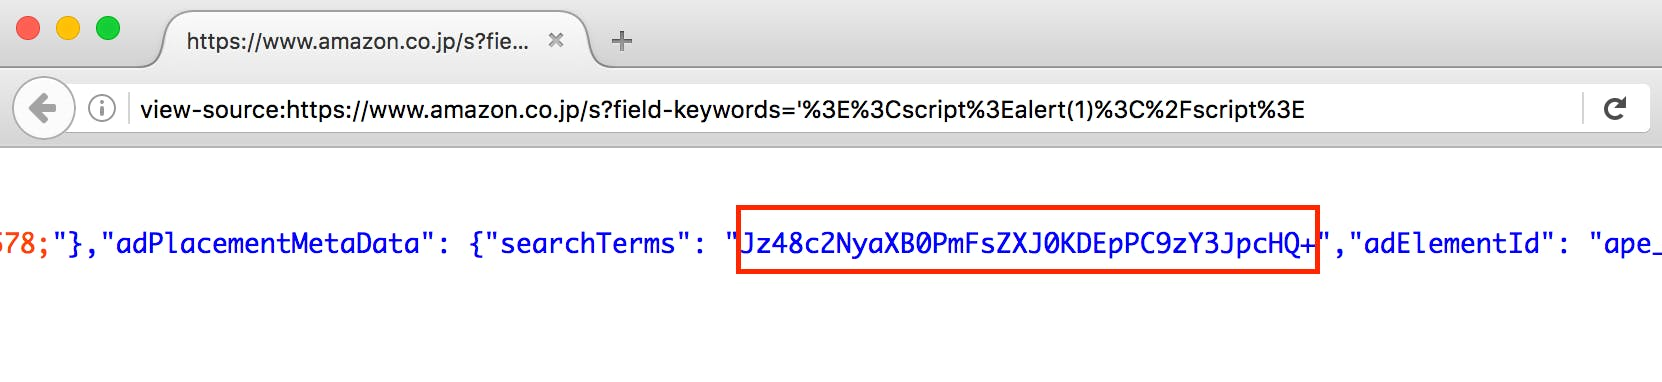 screenshot_html_base64_with_box.png